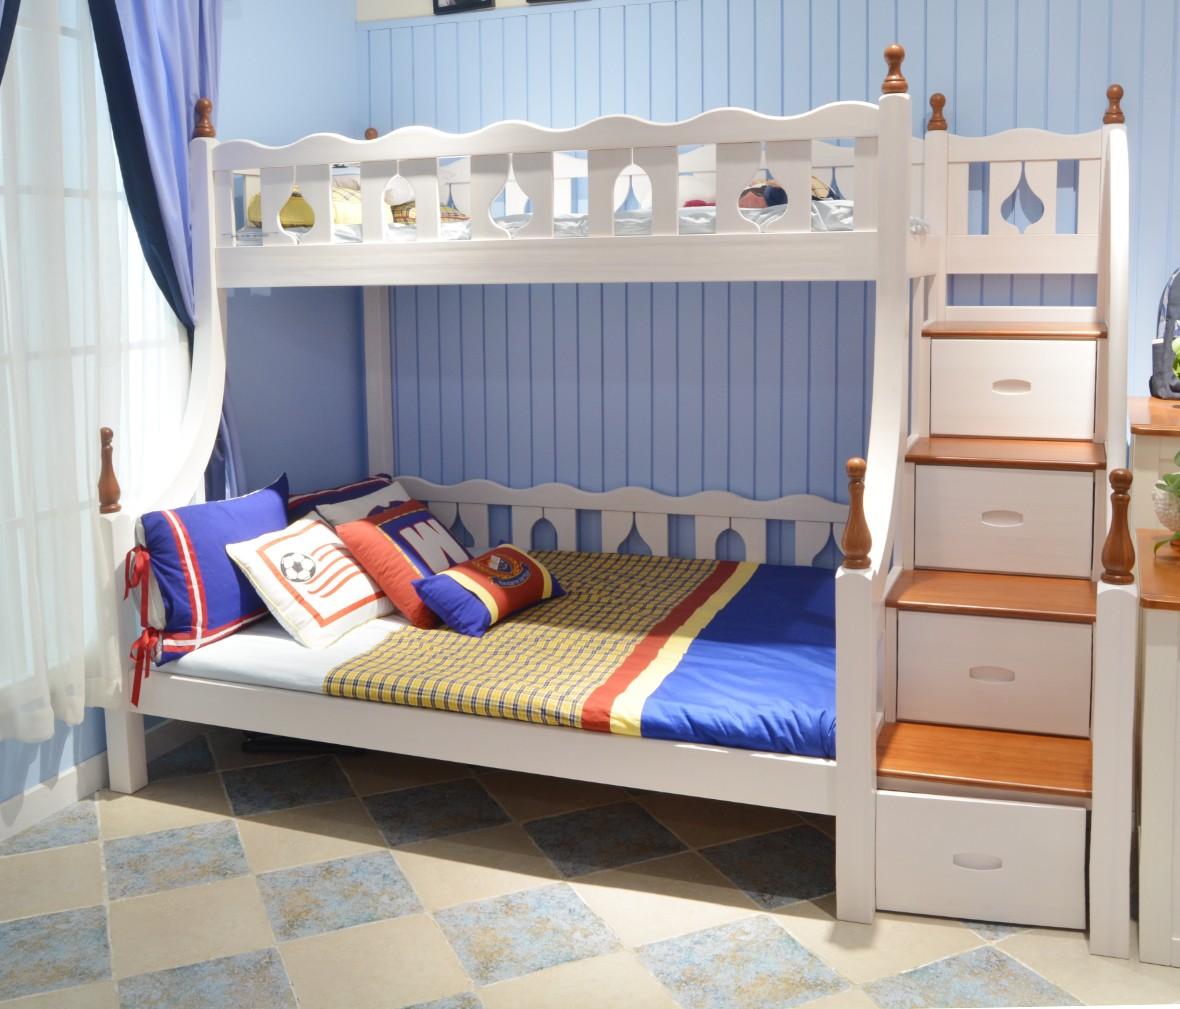 普罗城堡 D-B09型号上下床 进口俄罗斯松木材质上下床 商品情景